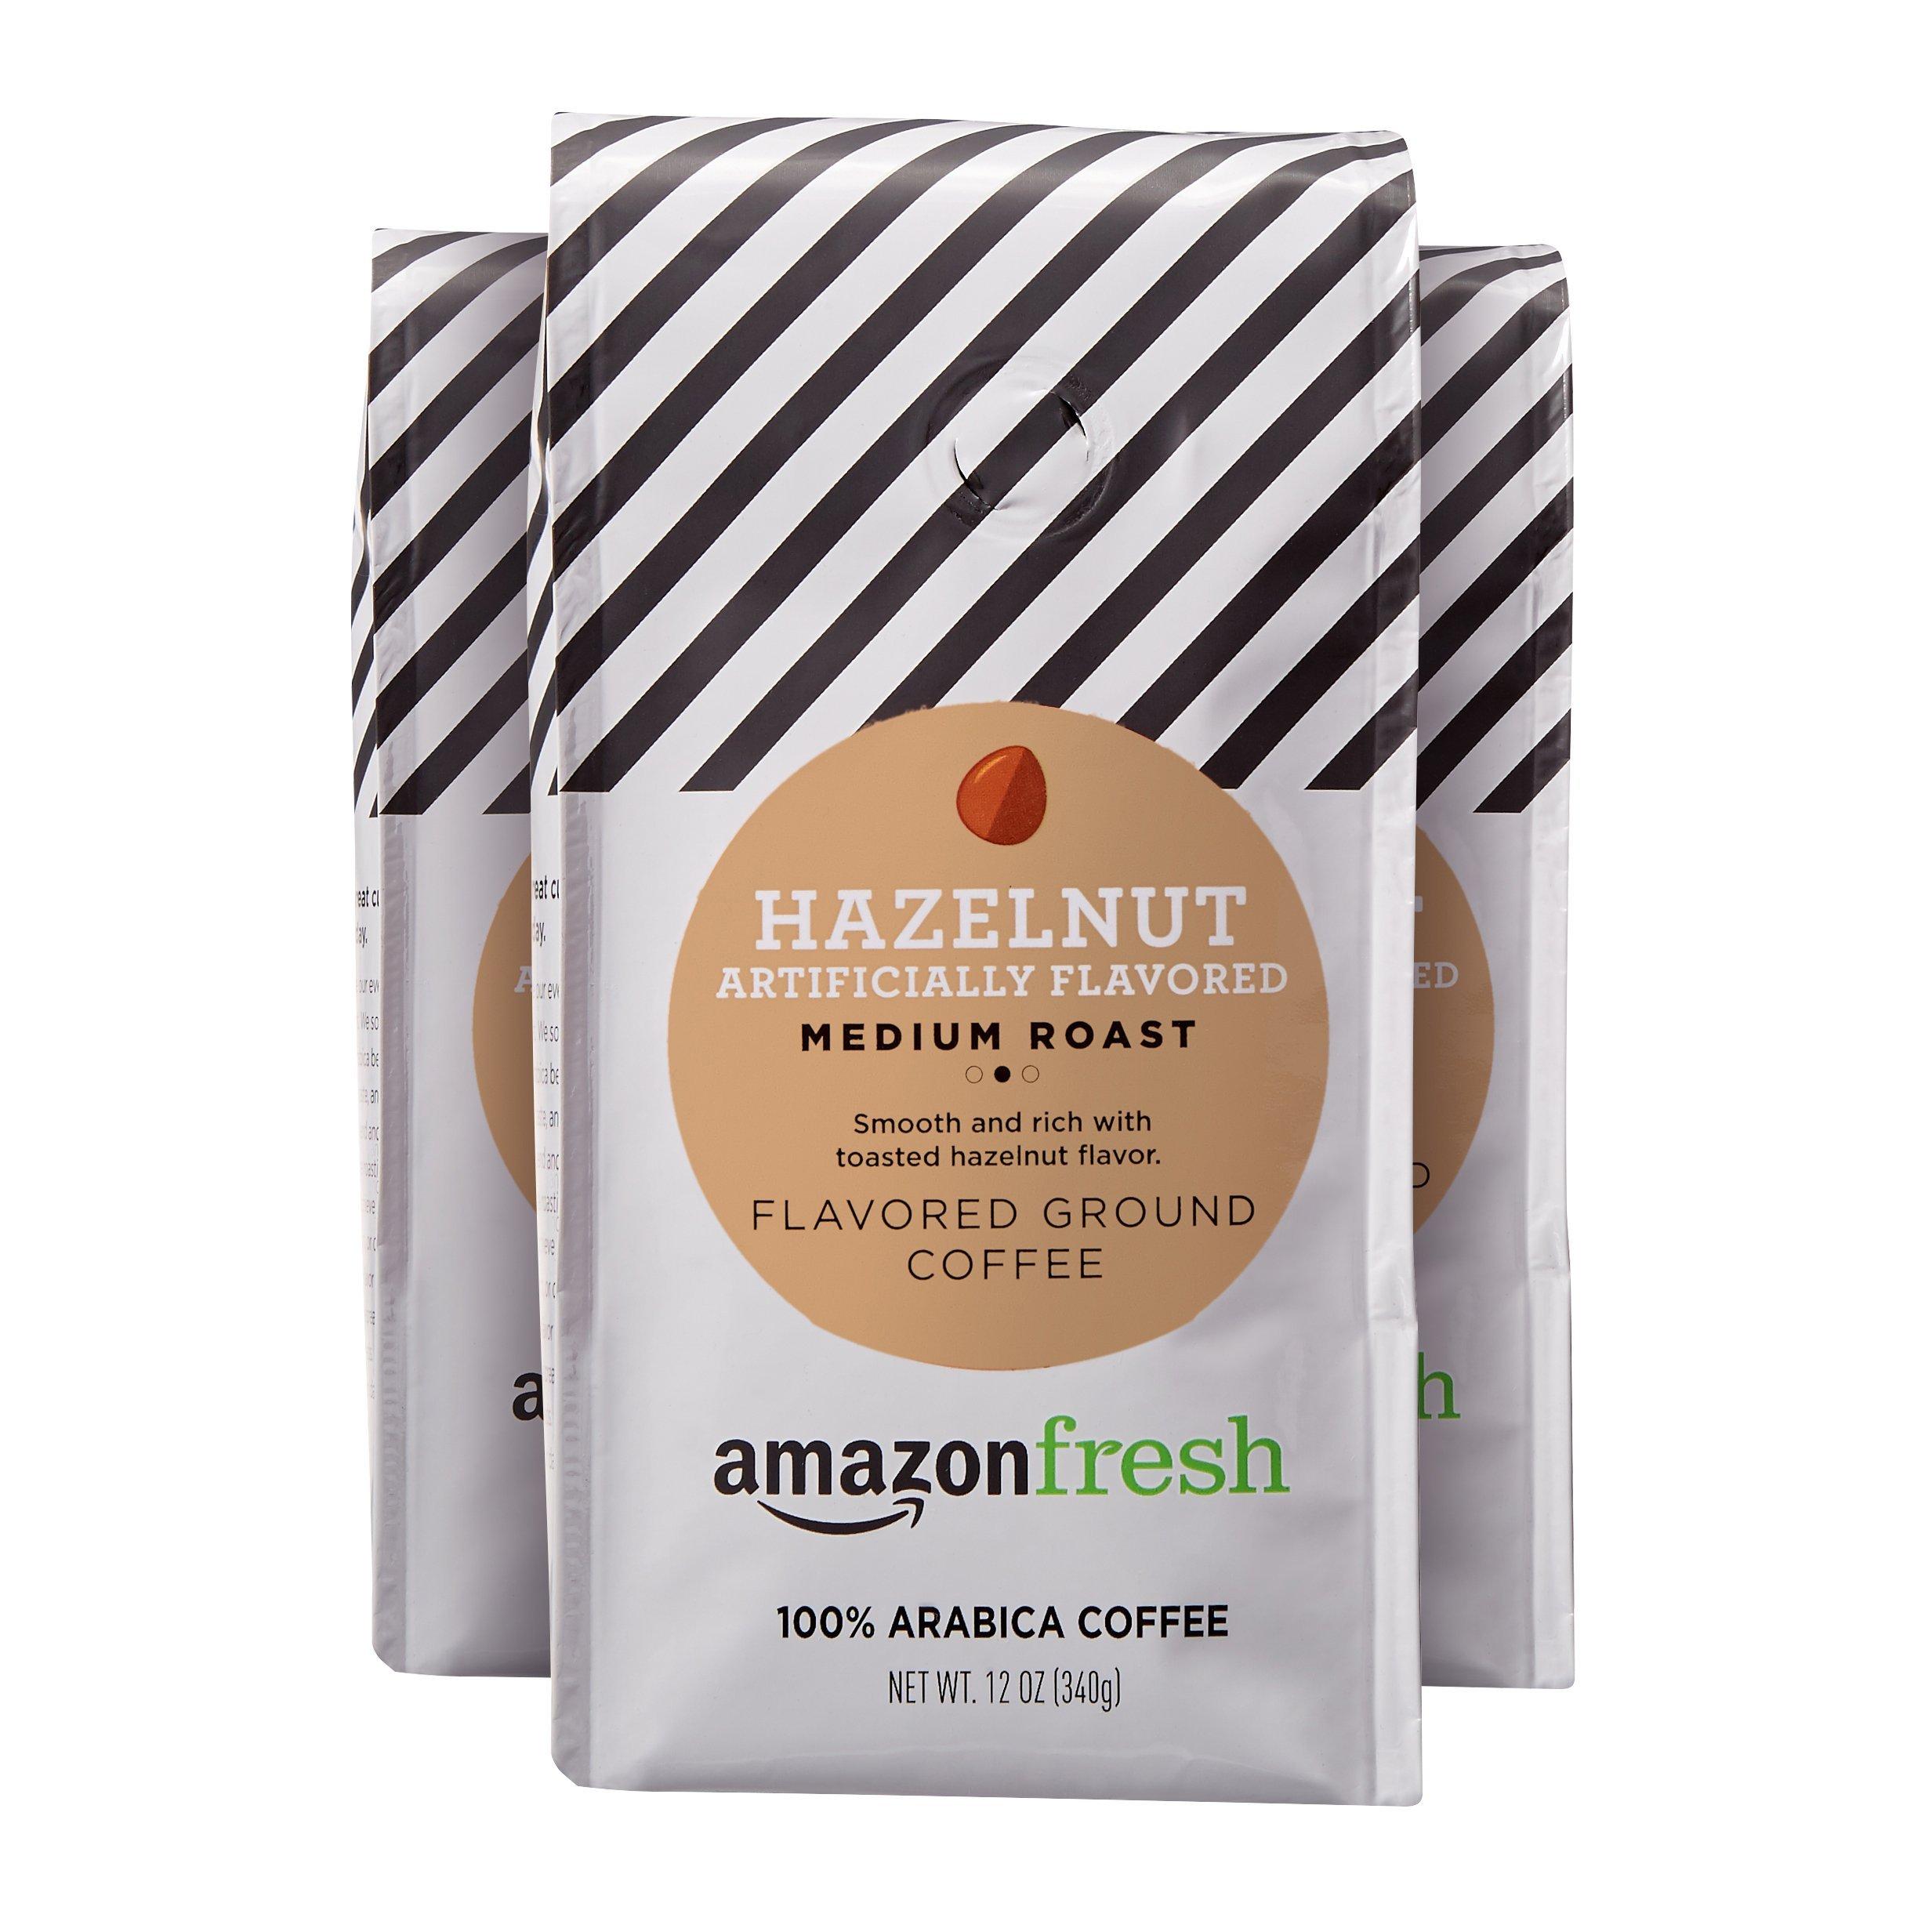 AmazonFresh Hazelnut Flavored Coffee, Ground, Medium Roast, 12 Ounce (Pack of 3) by AmazonFresh